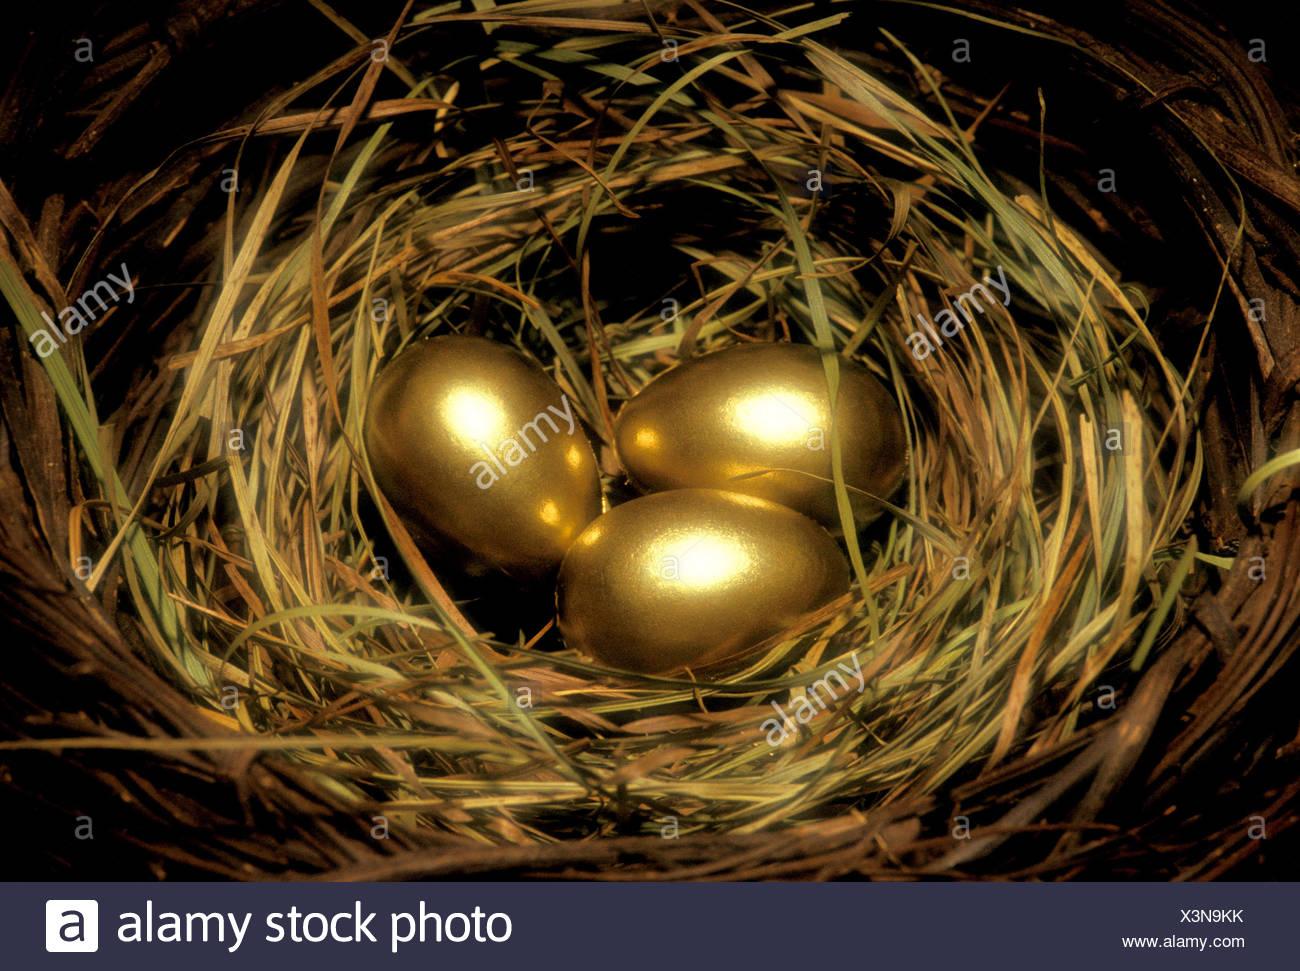 Golden eggs in nest Investments savings retirement - Stock Image